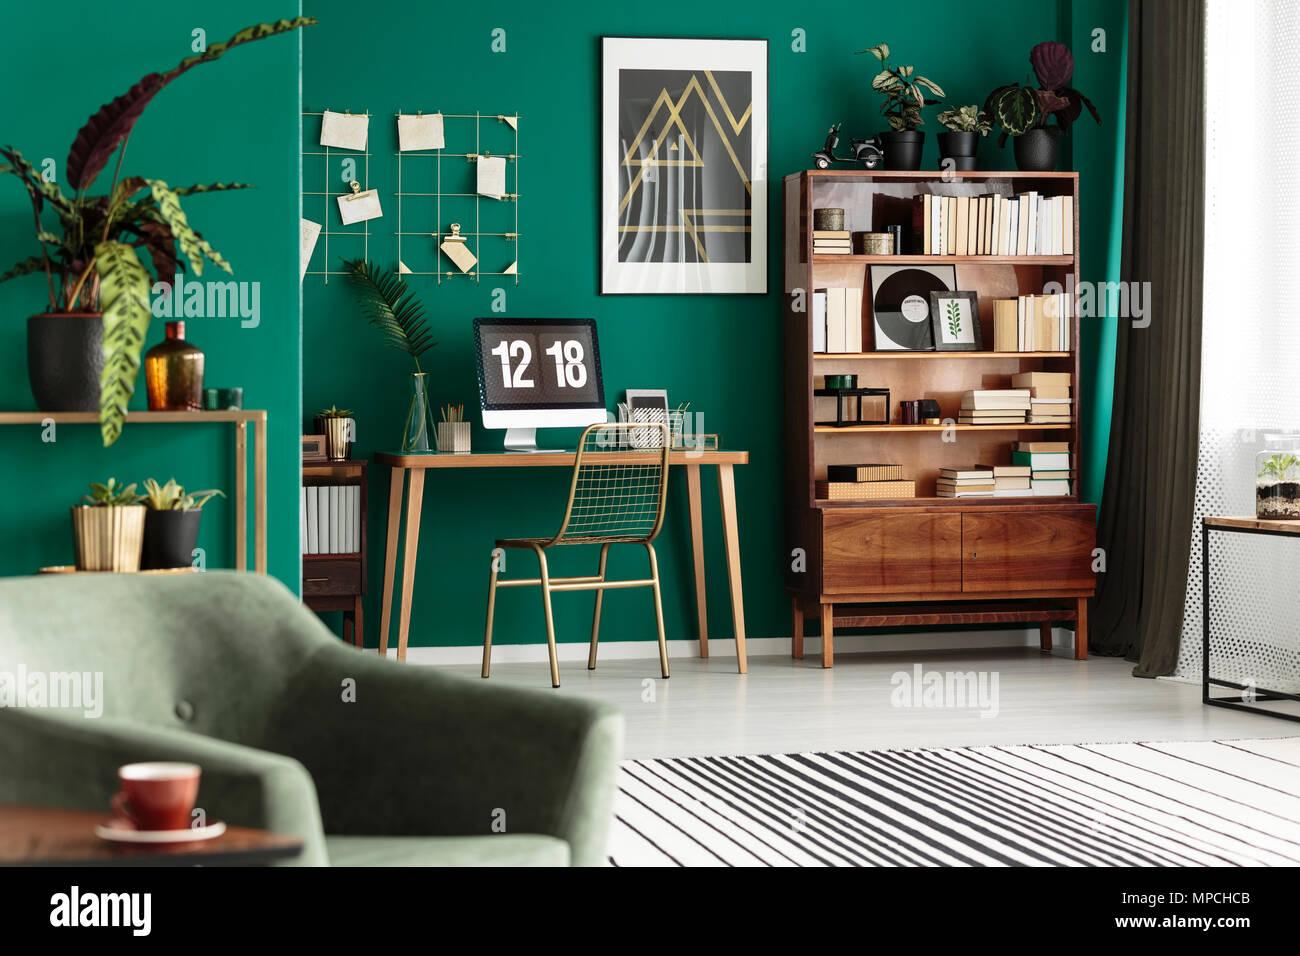 Oro en silla de escritorio con ordenador de sobremesa en color verde, acogedor apartamento con poster interior Imagen De Stock